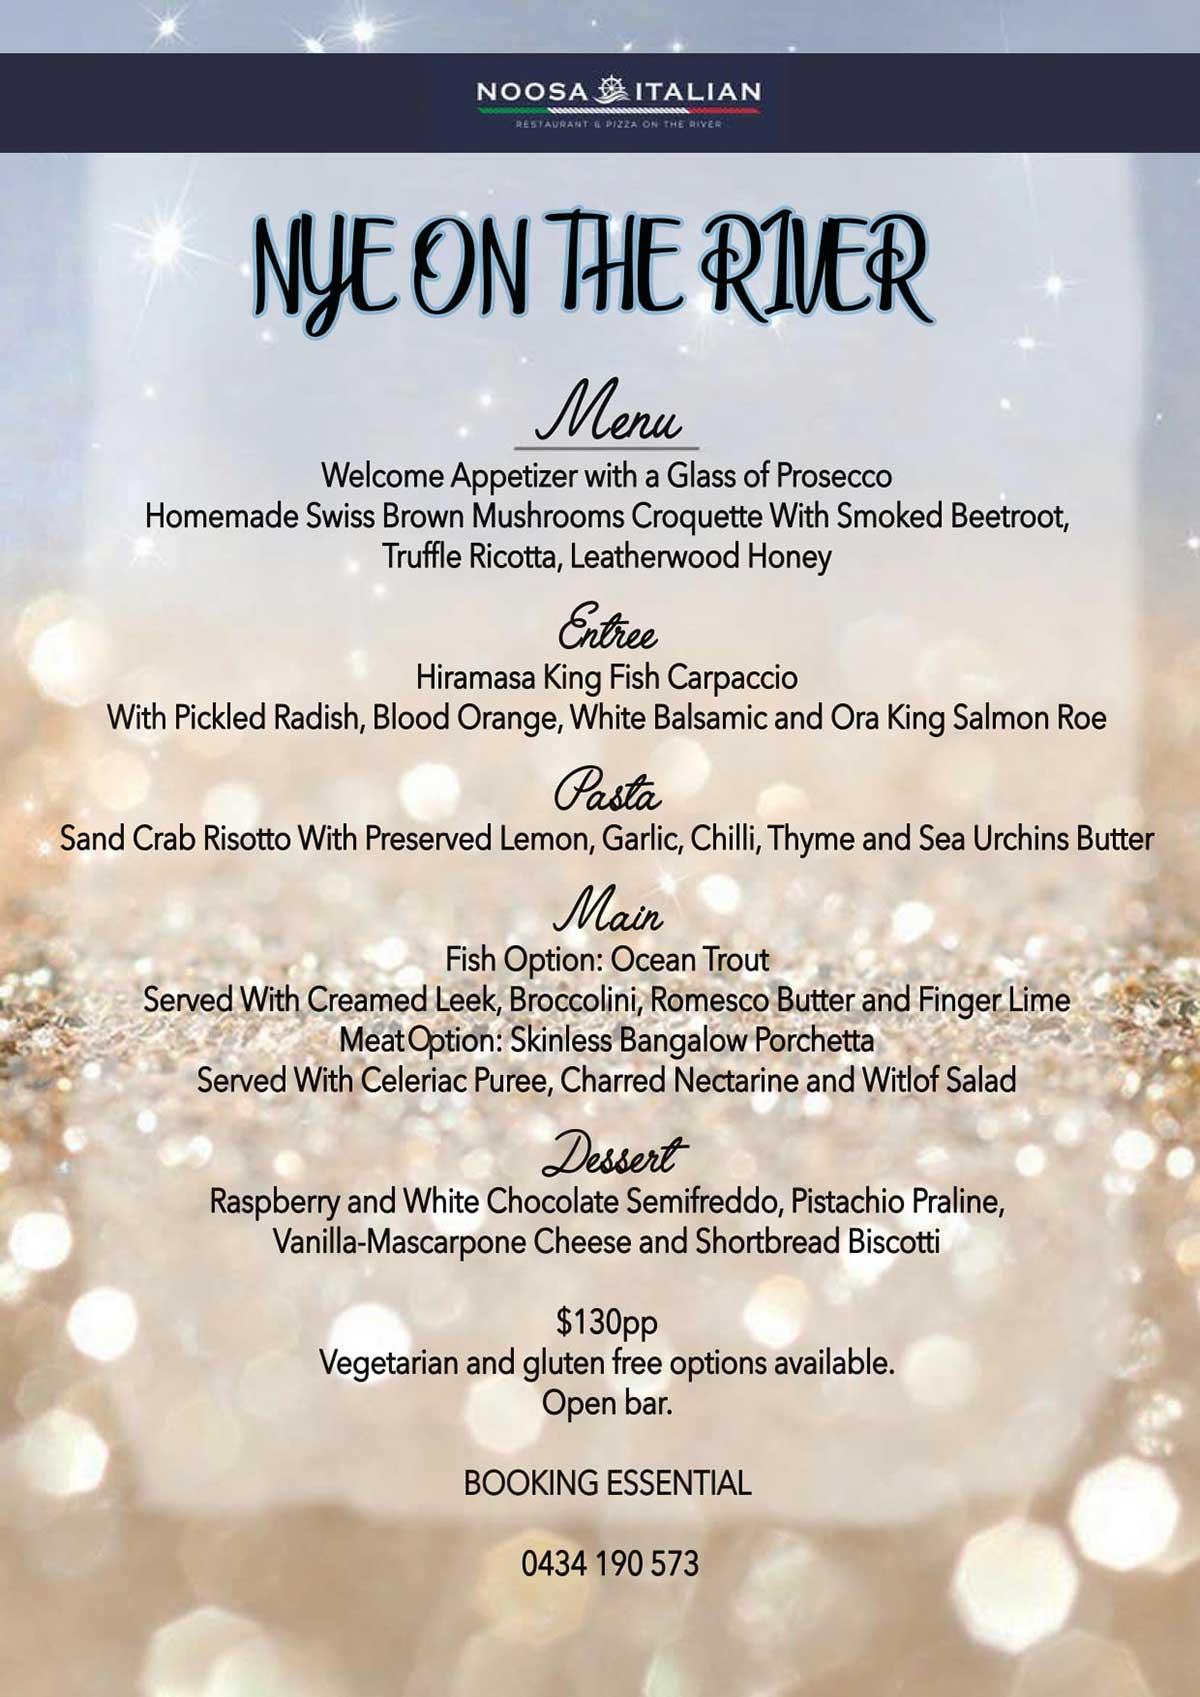 Noosa Italian New Year's Eve menu 2020